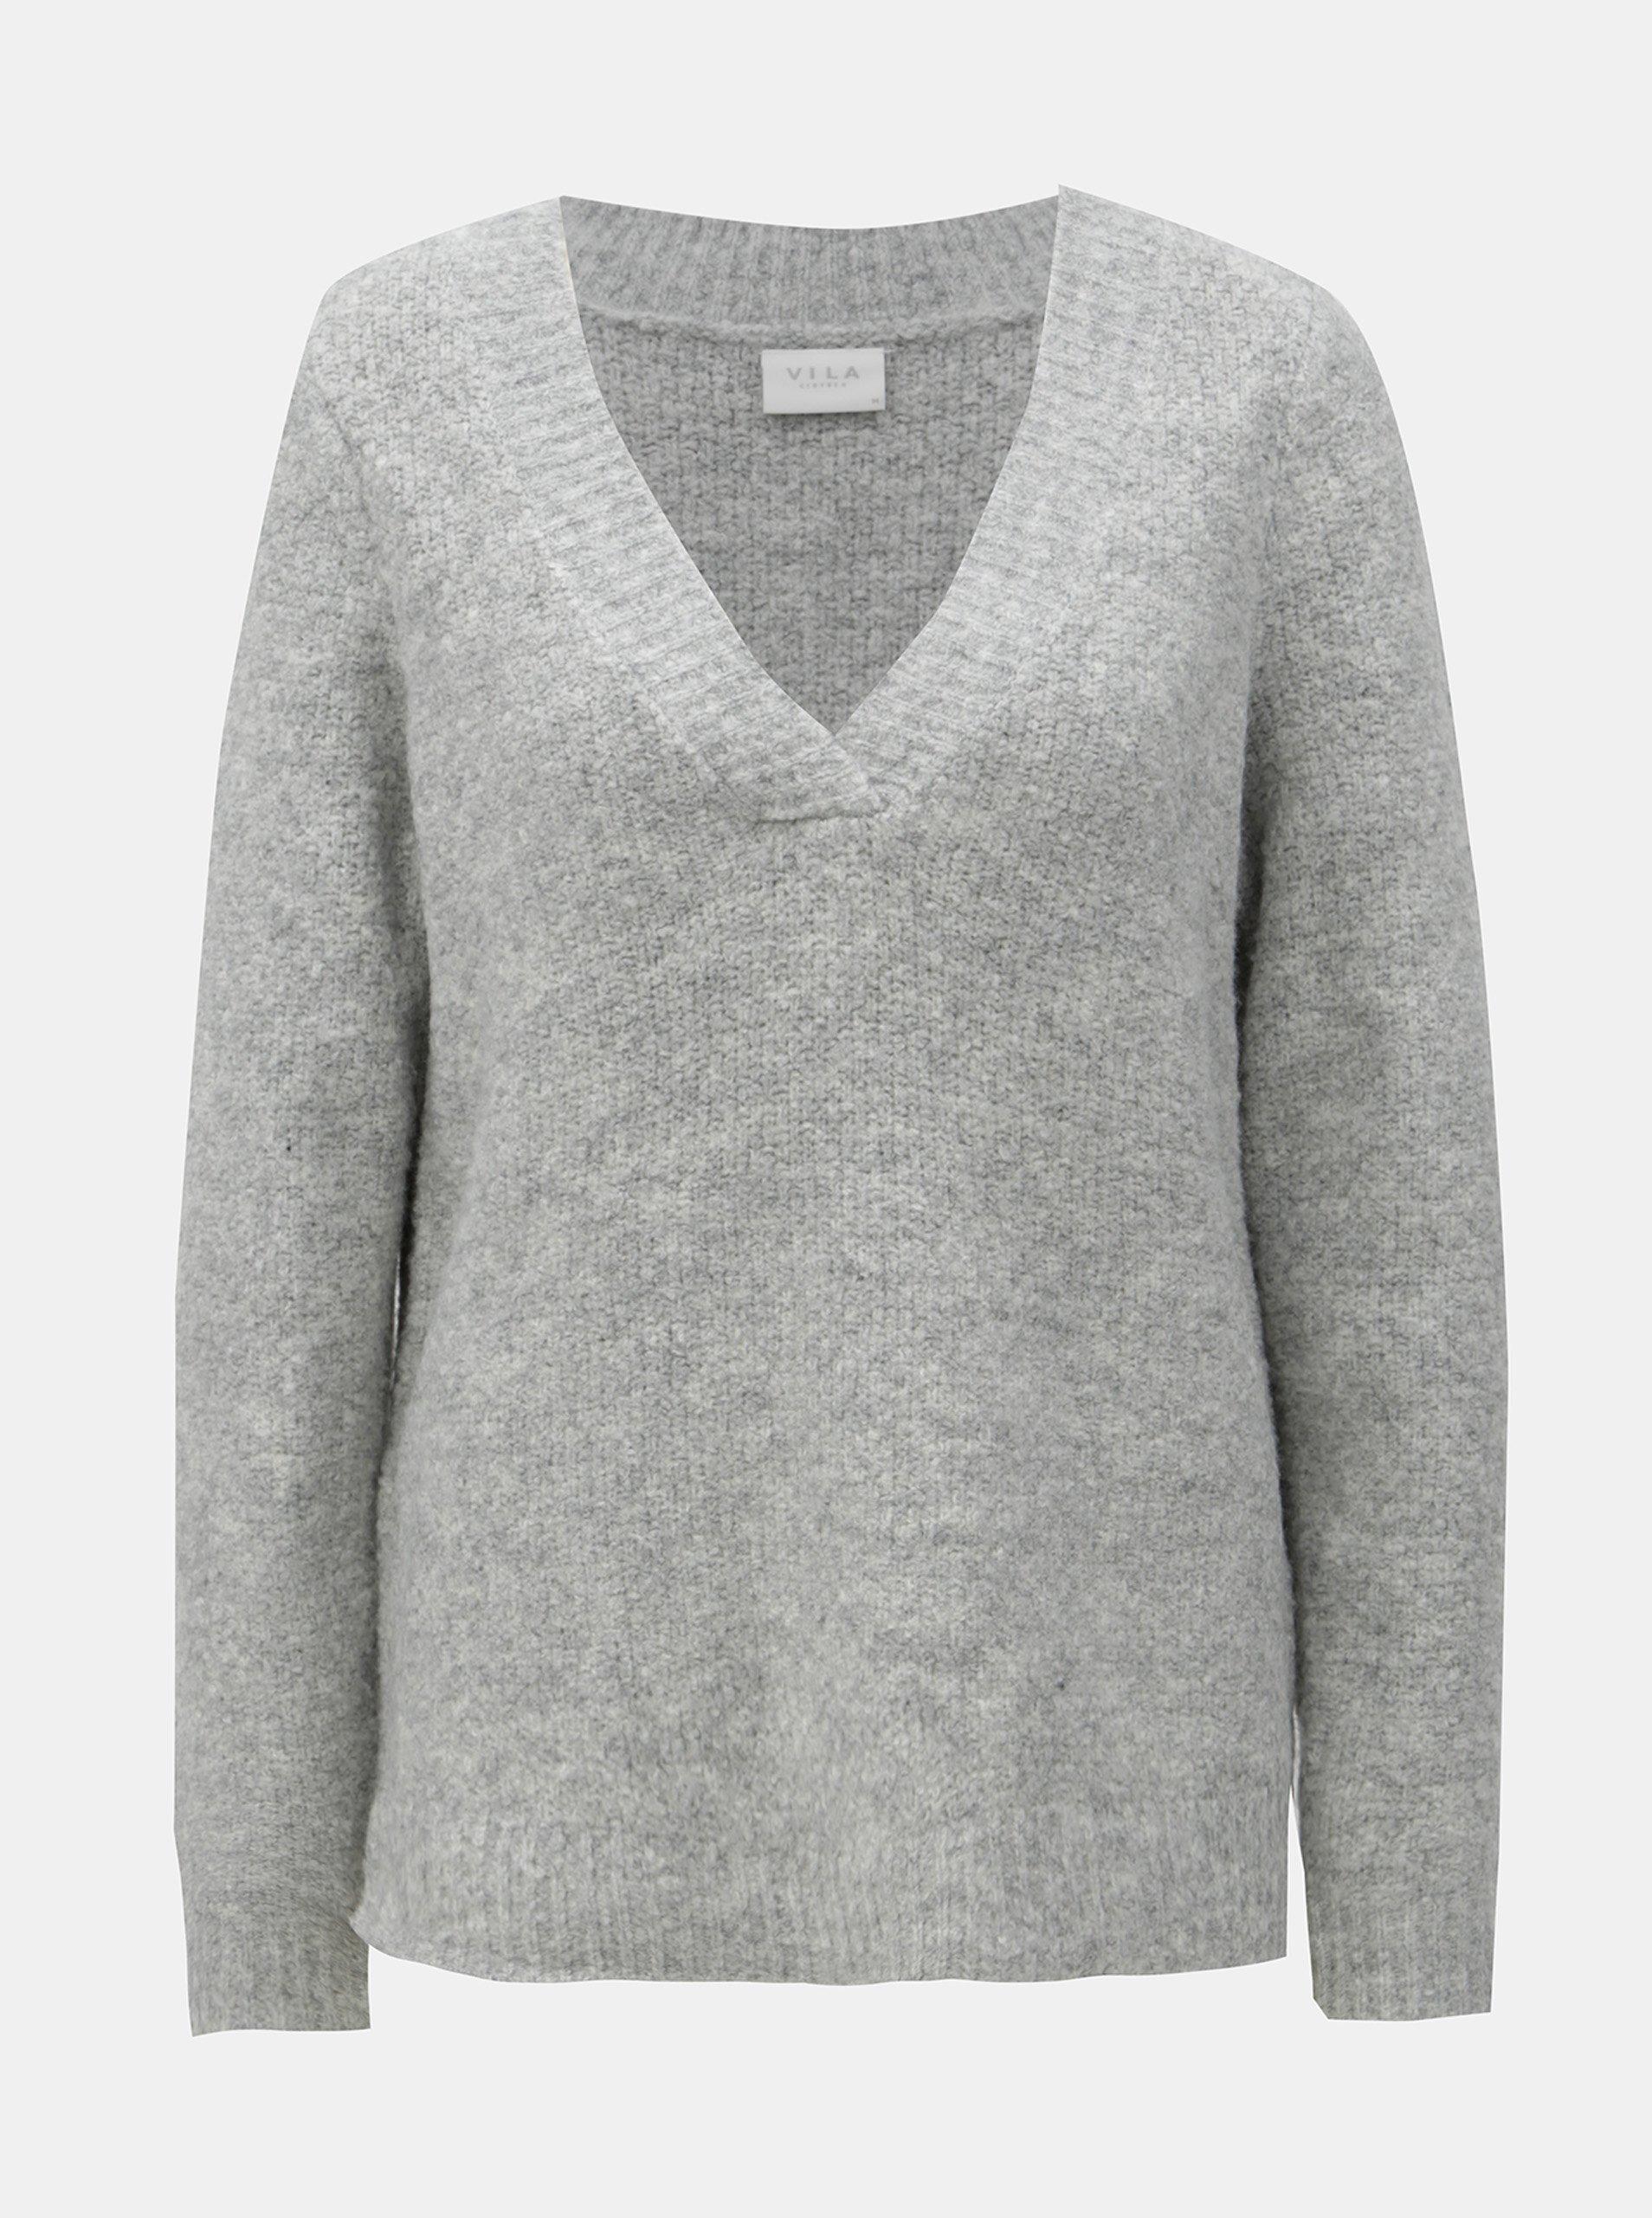 Sivý sveter s prímesou vlny VILA Place